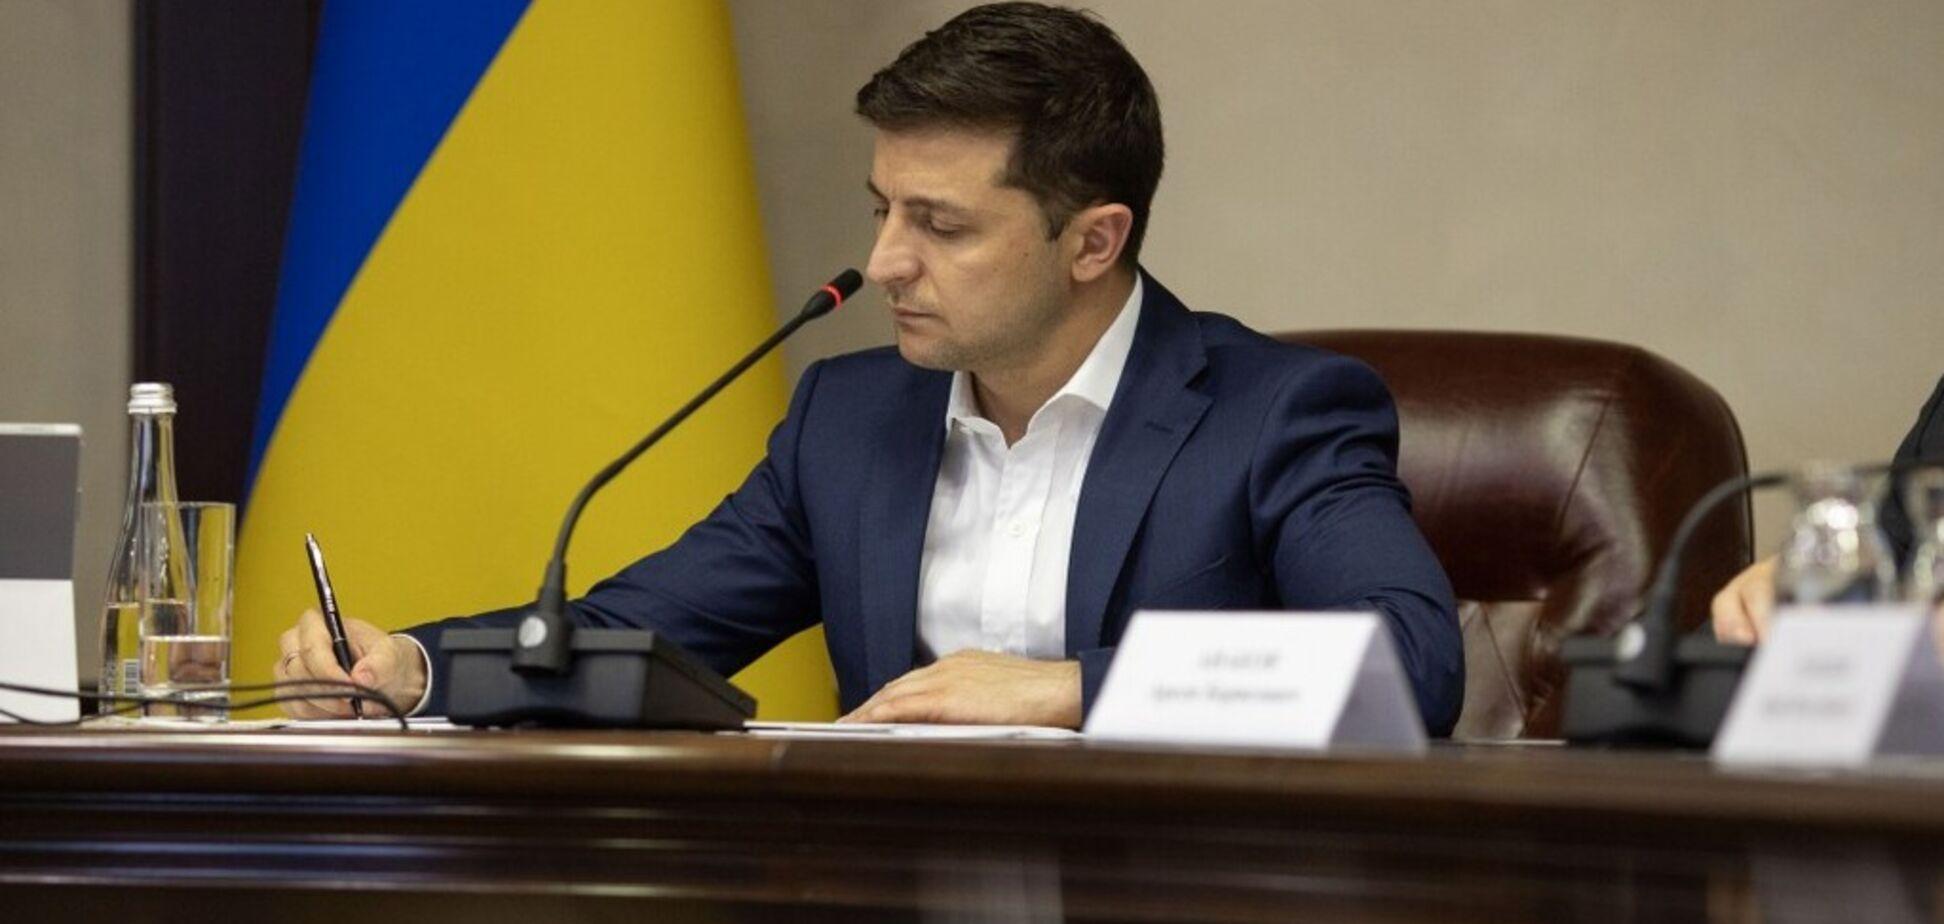 'Повинні бути покарані': Зеленський доручив розібратися з корупцією в оборонці